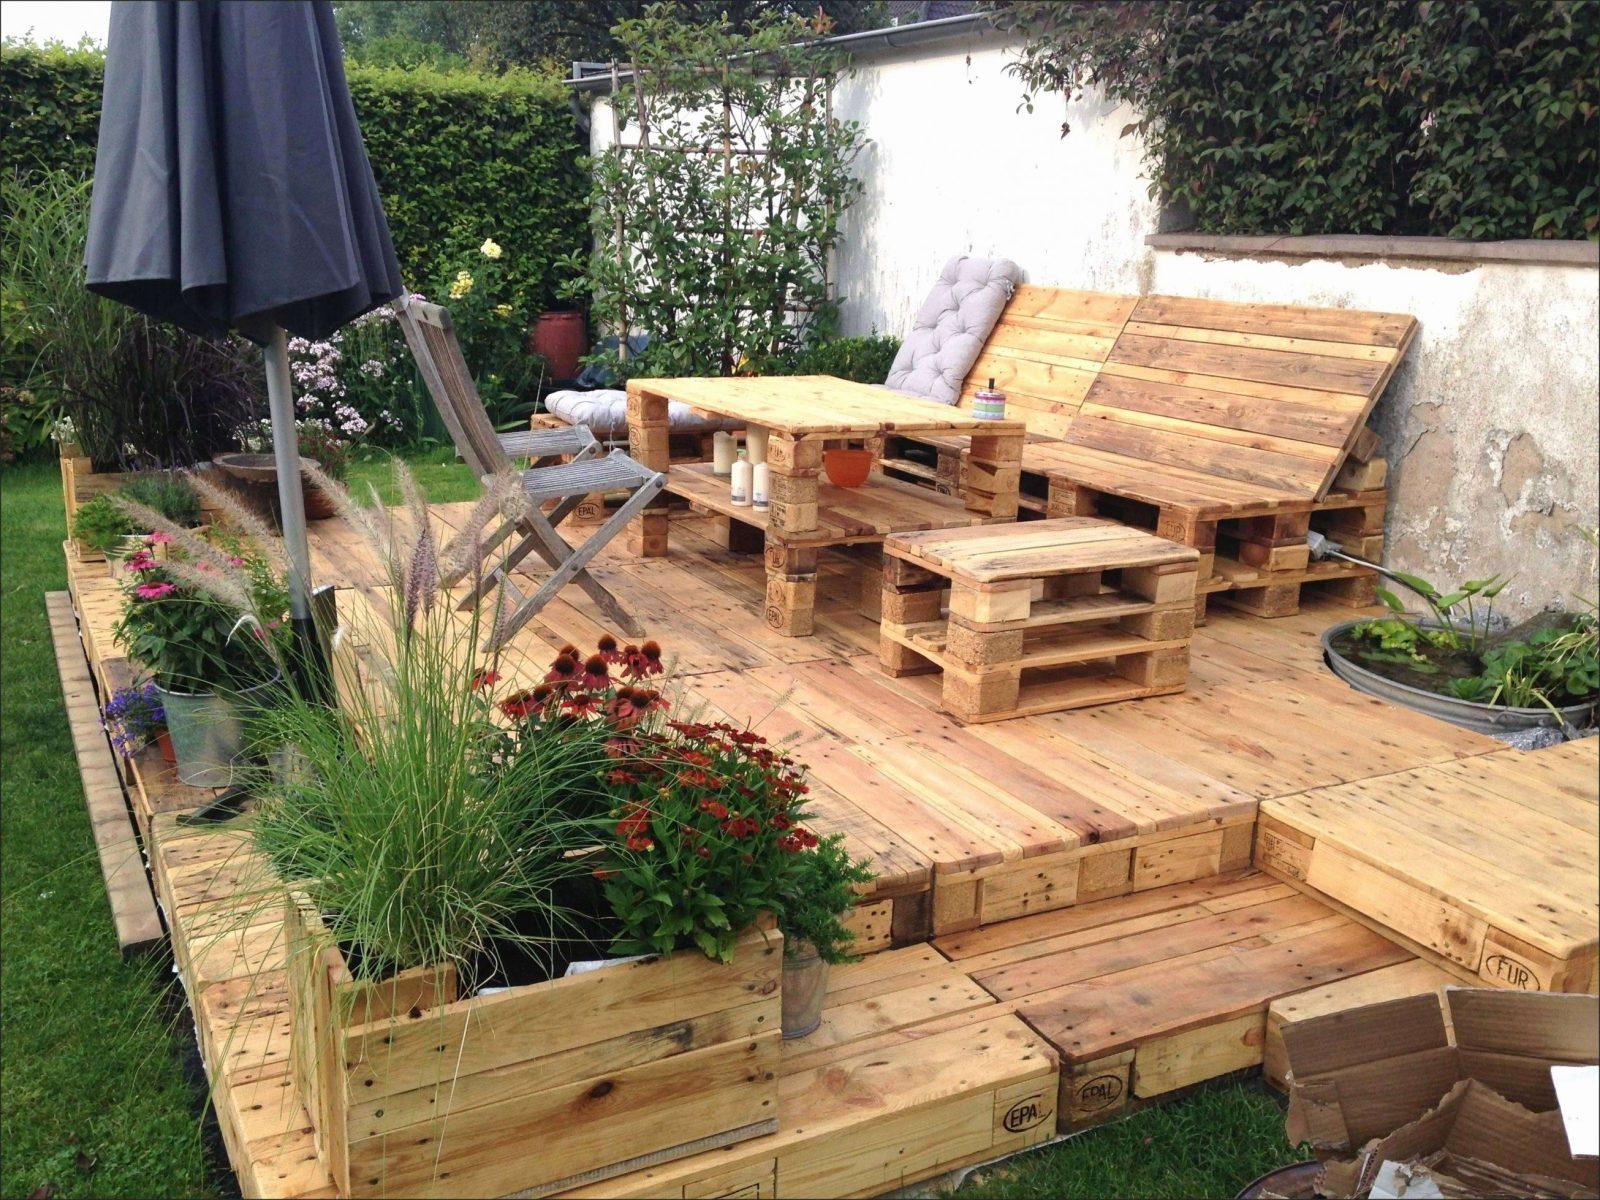 Garten Gestalten Einfach Gallery Sitzplatz Im Garten Anlegen von Sitzplatz Im Garten Gestalten Bild